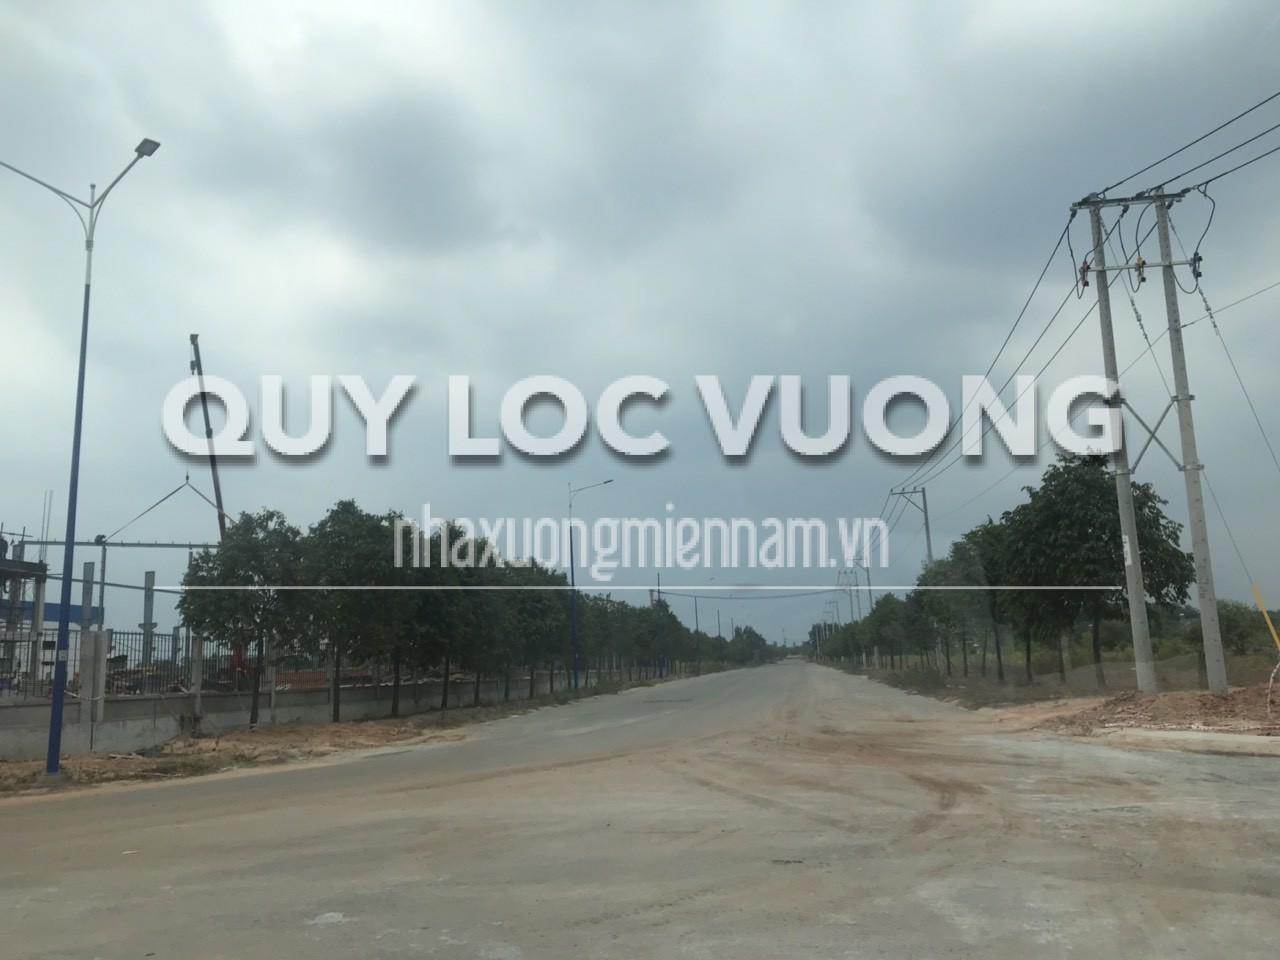 Bán 3 lô đất trống trong KCN Bàu Xéo huyện Trảng Bom diện tích đa dạng